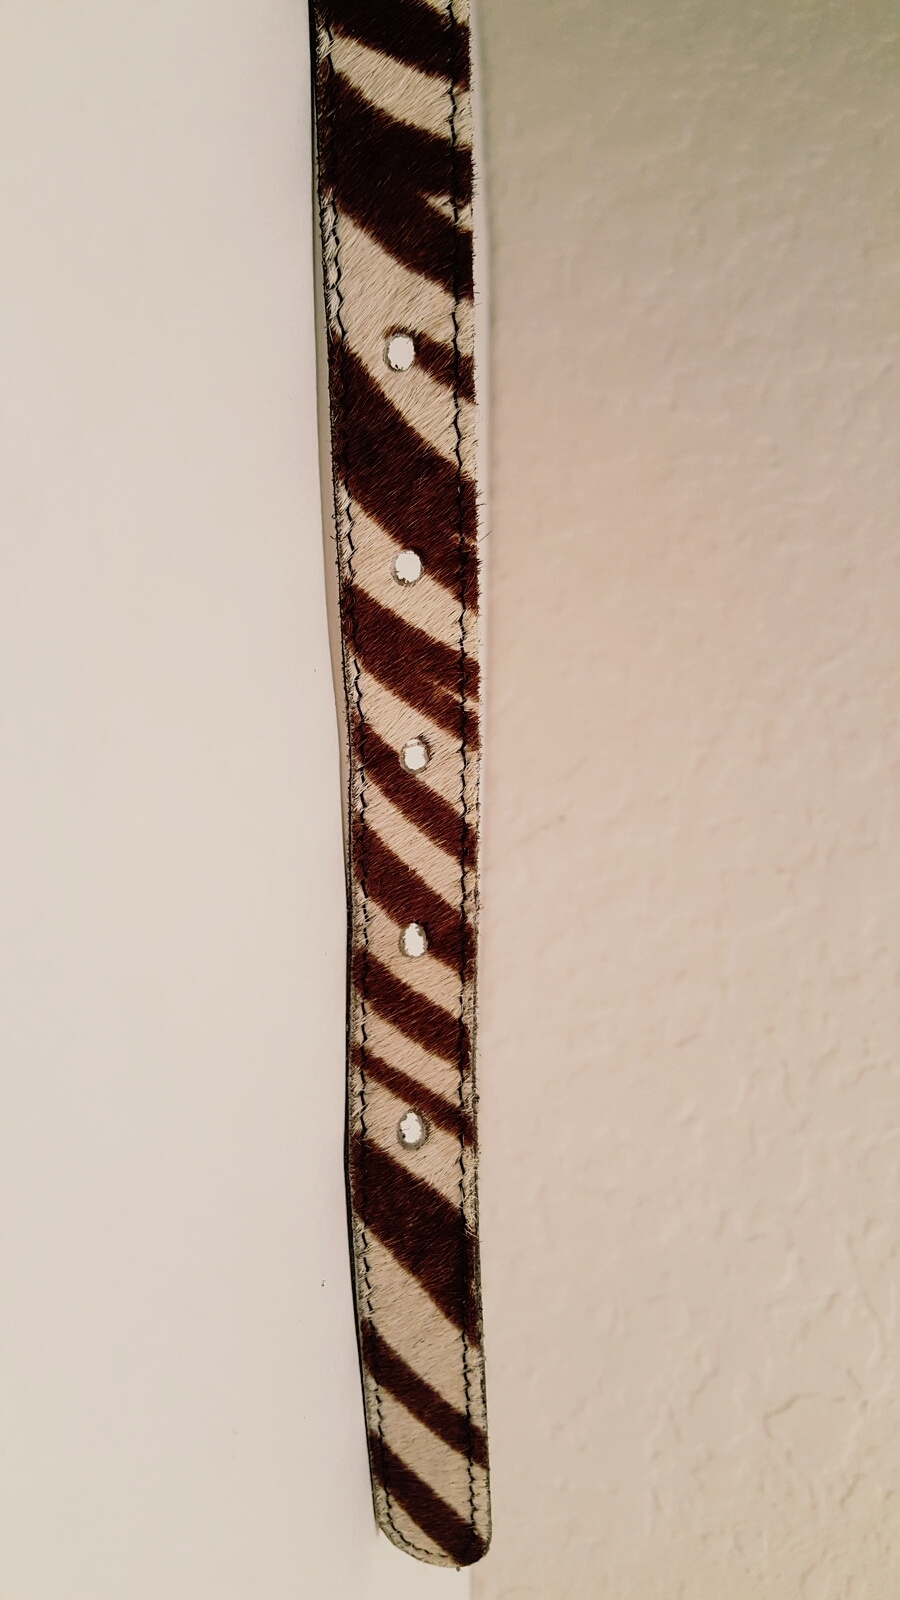 Vintage Zebra Print Belt Brushed Silver Tone Buckle